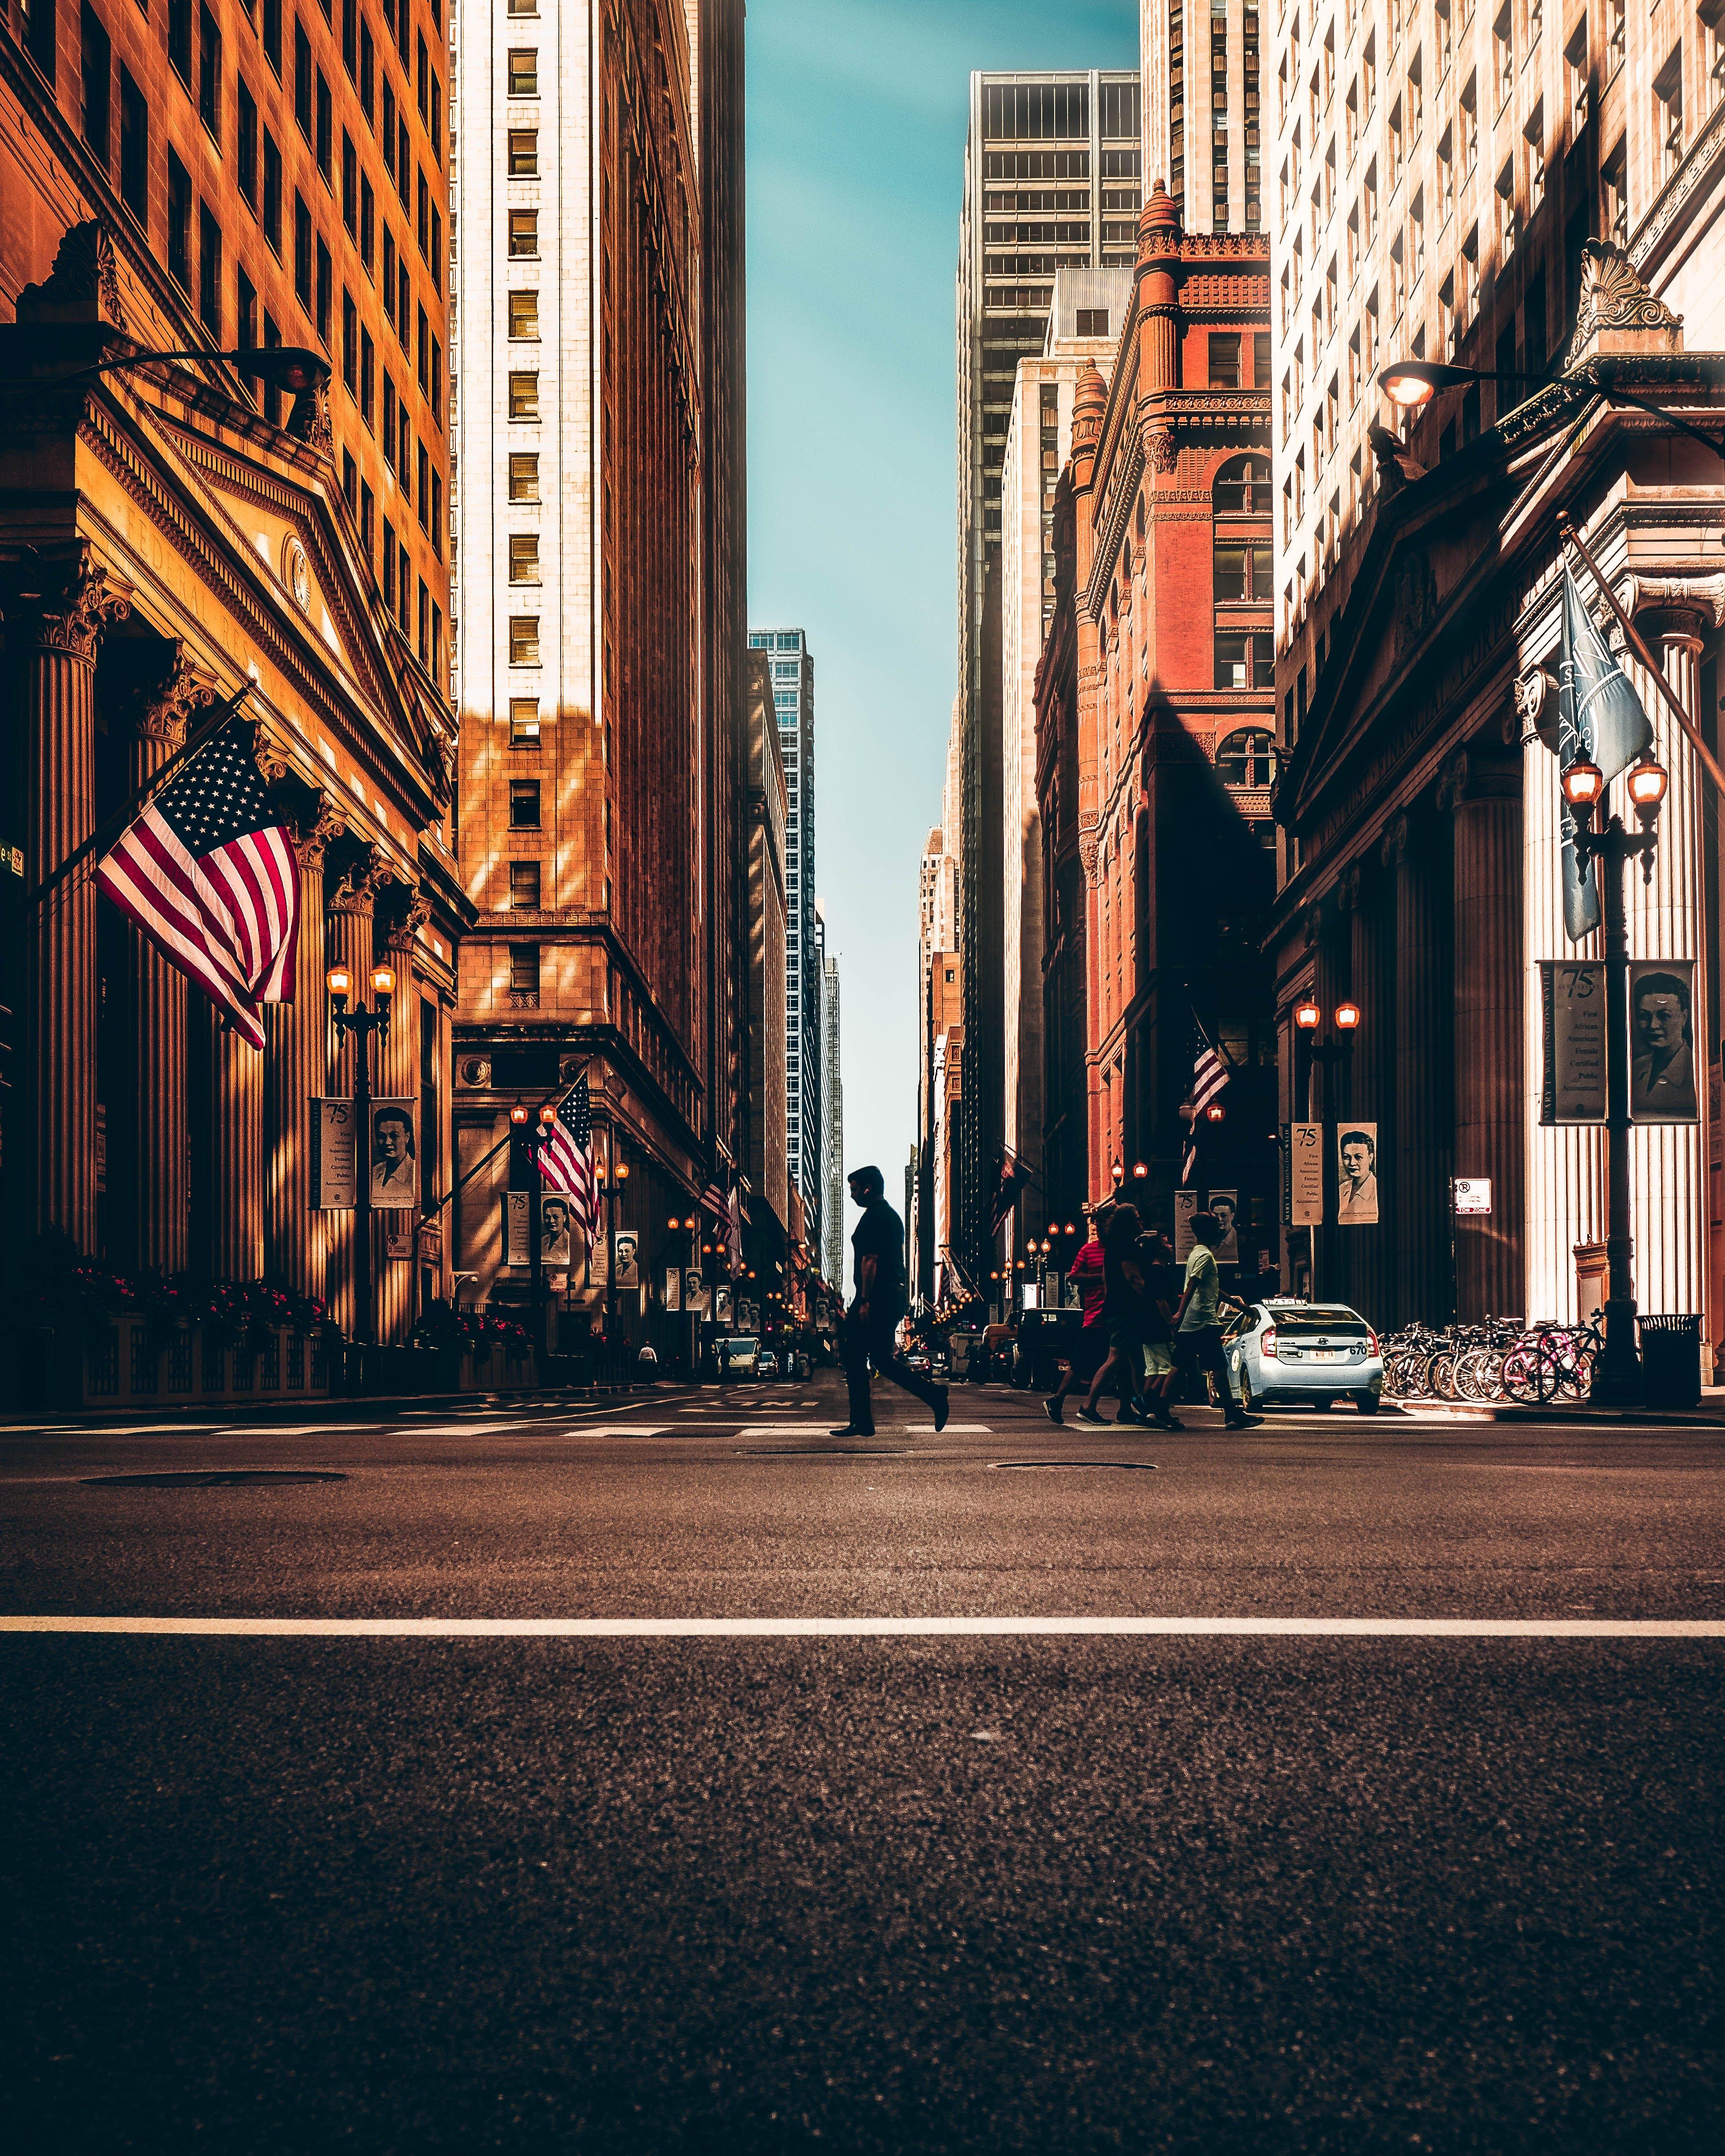 Ingyenes stockfotó Amerikai zászlók, aszfalt, autók, belváros témában